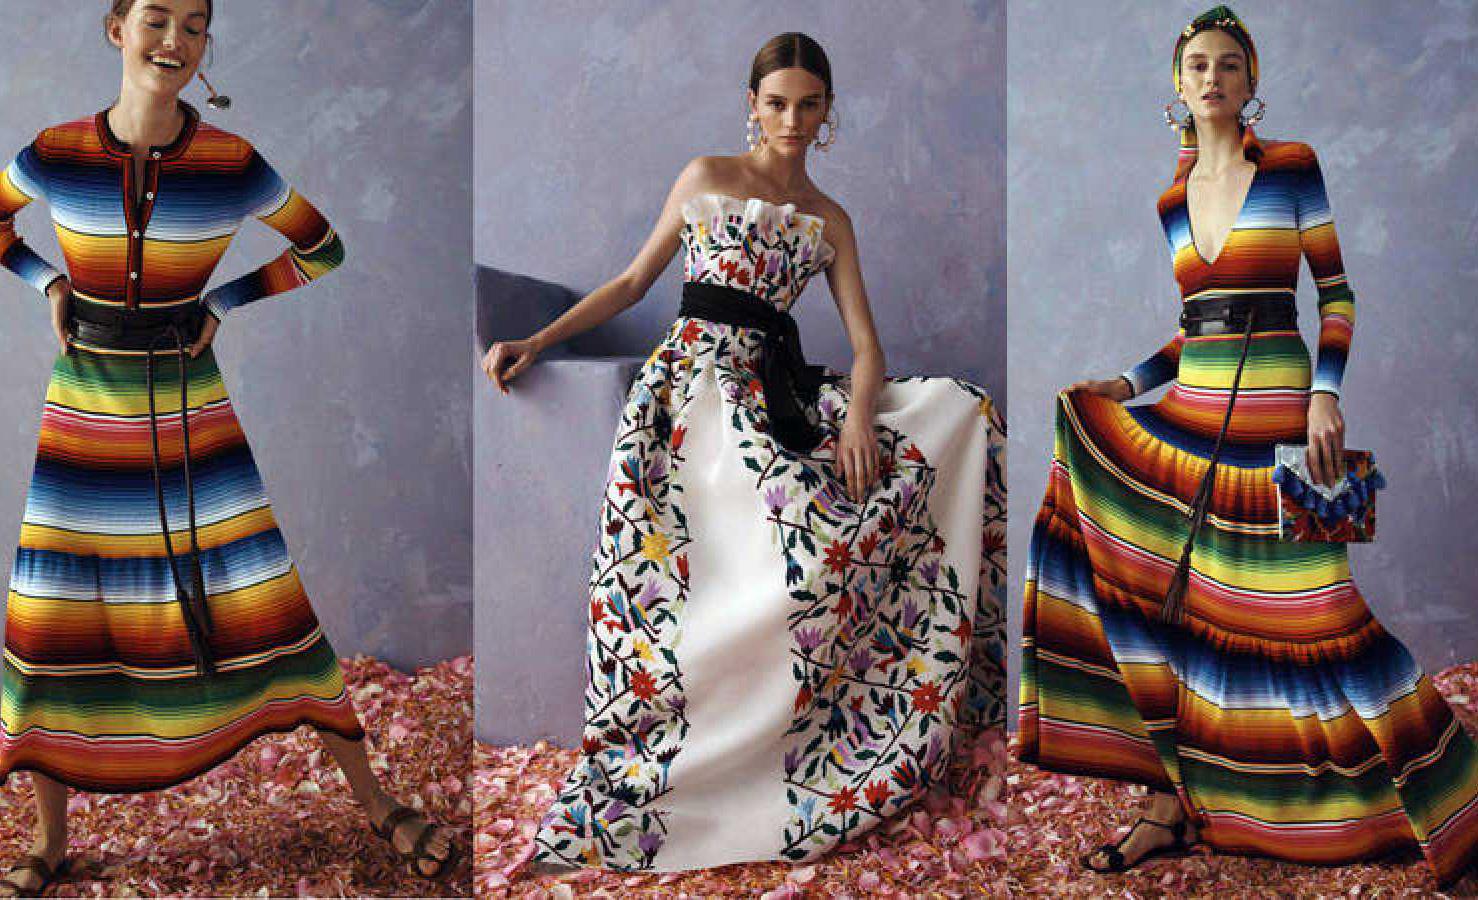 Moda y apropiación cultural indebida